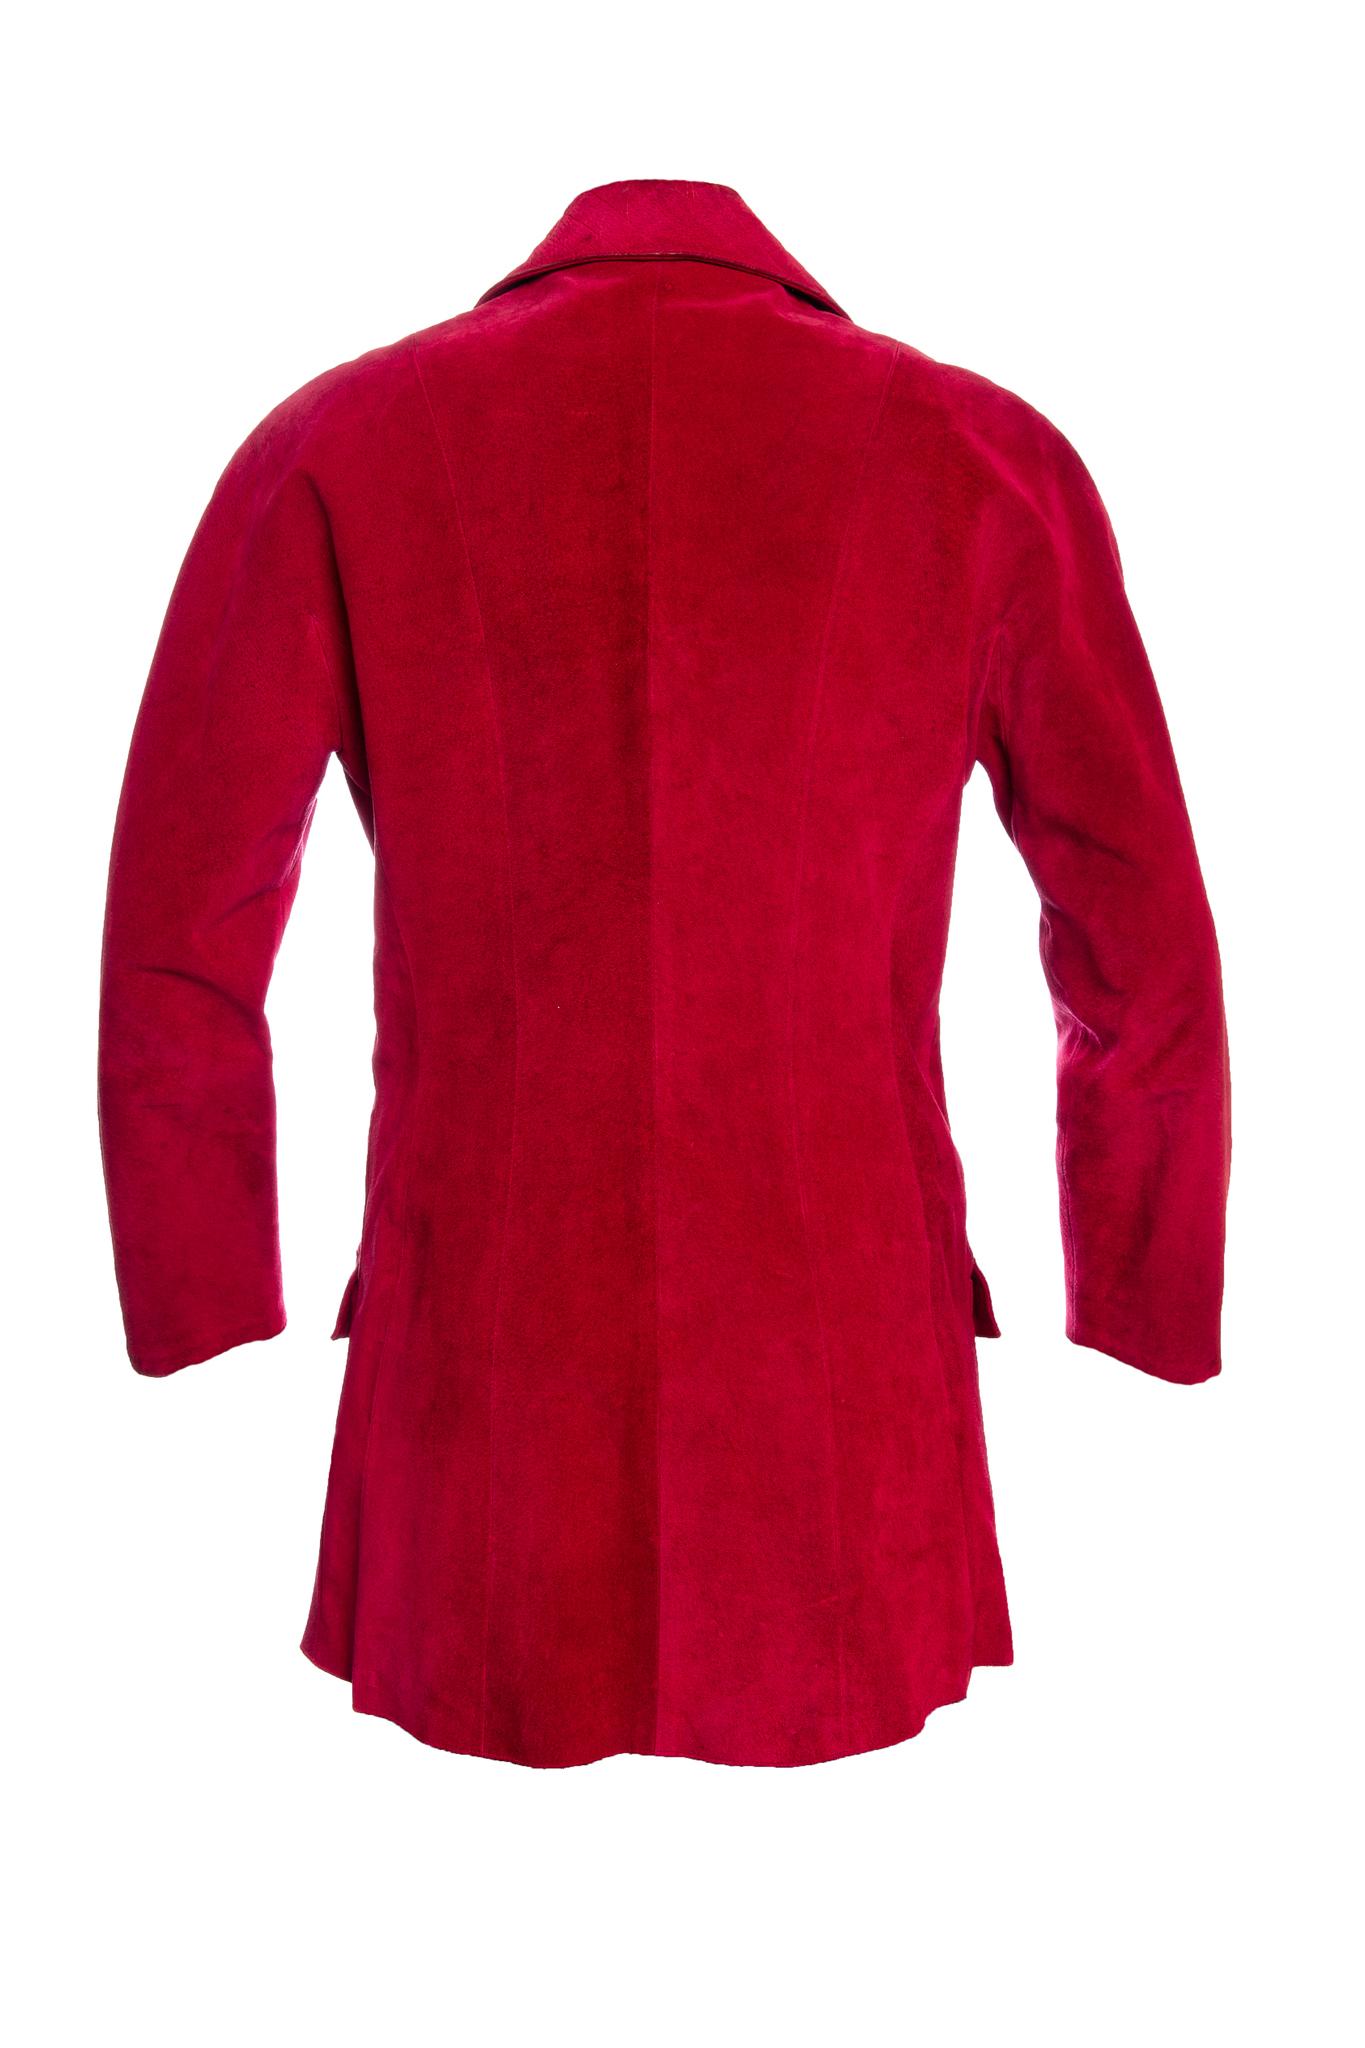 Эффектный удлиненный жакет из замши красного цвета от Chanel, 38 размер.